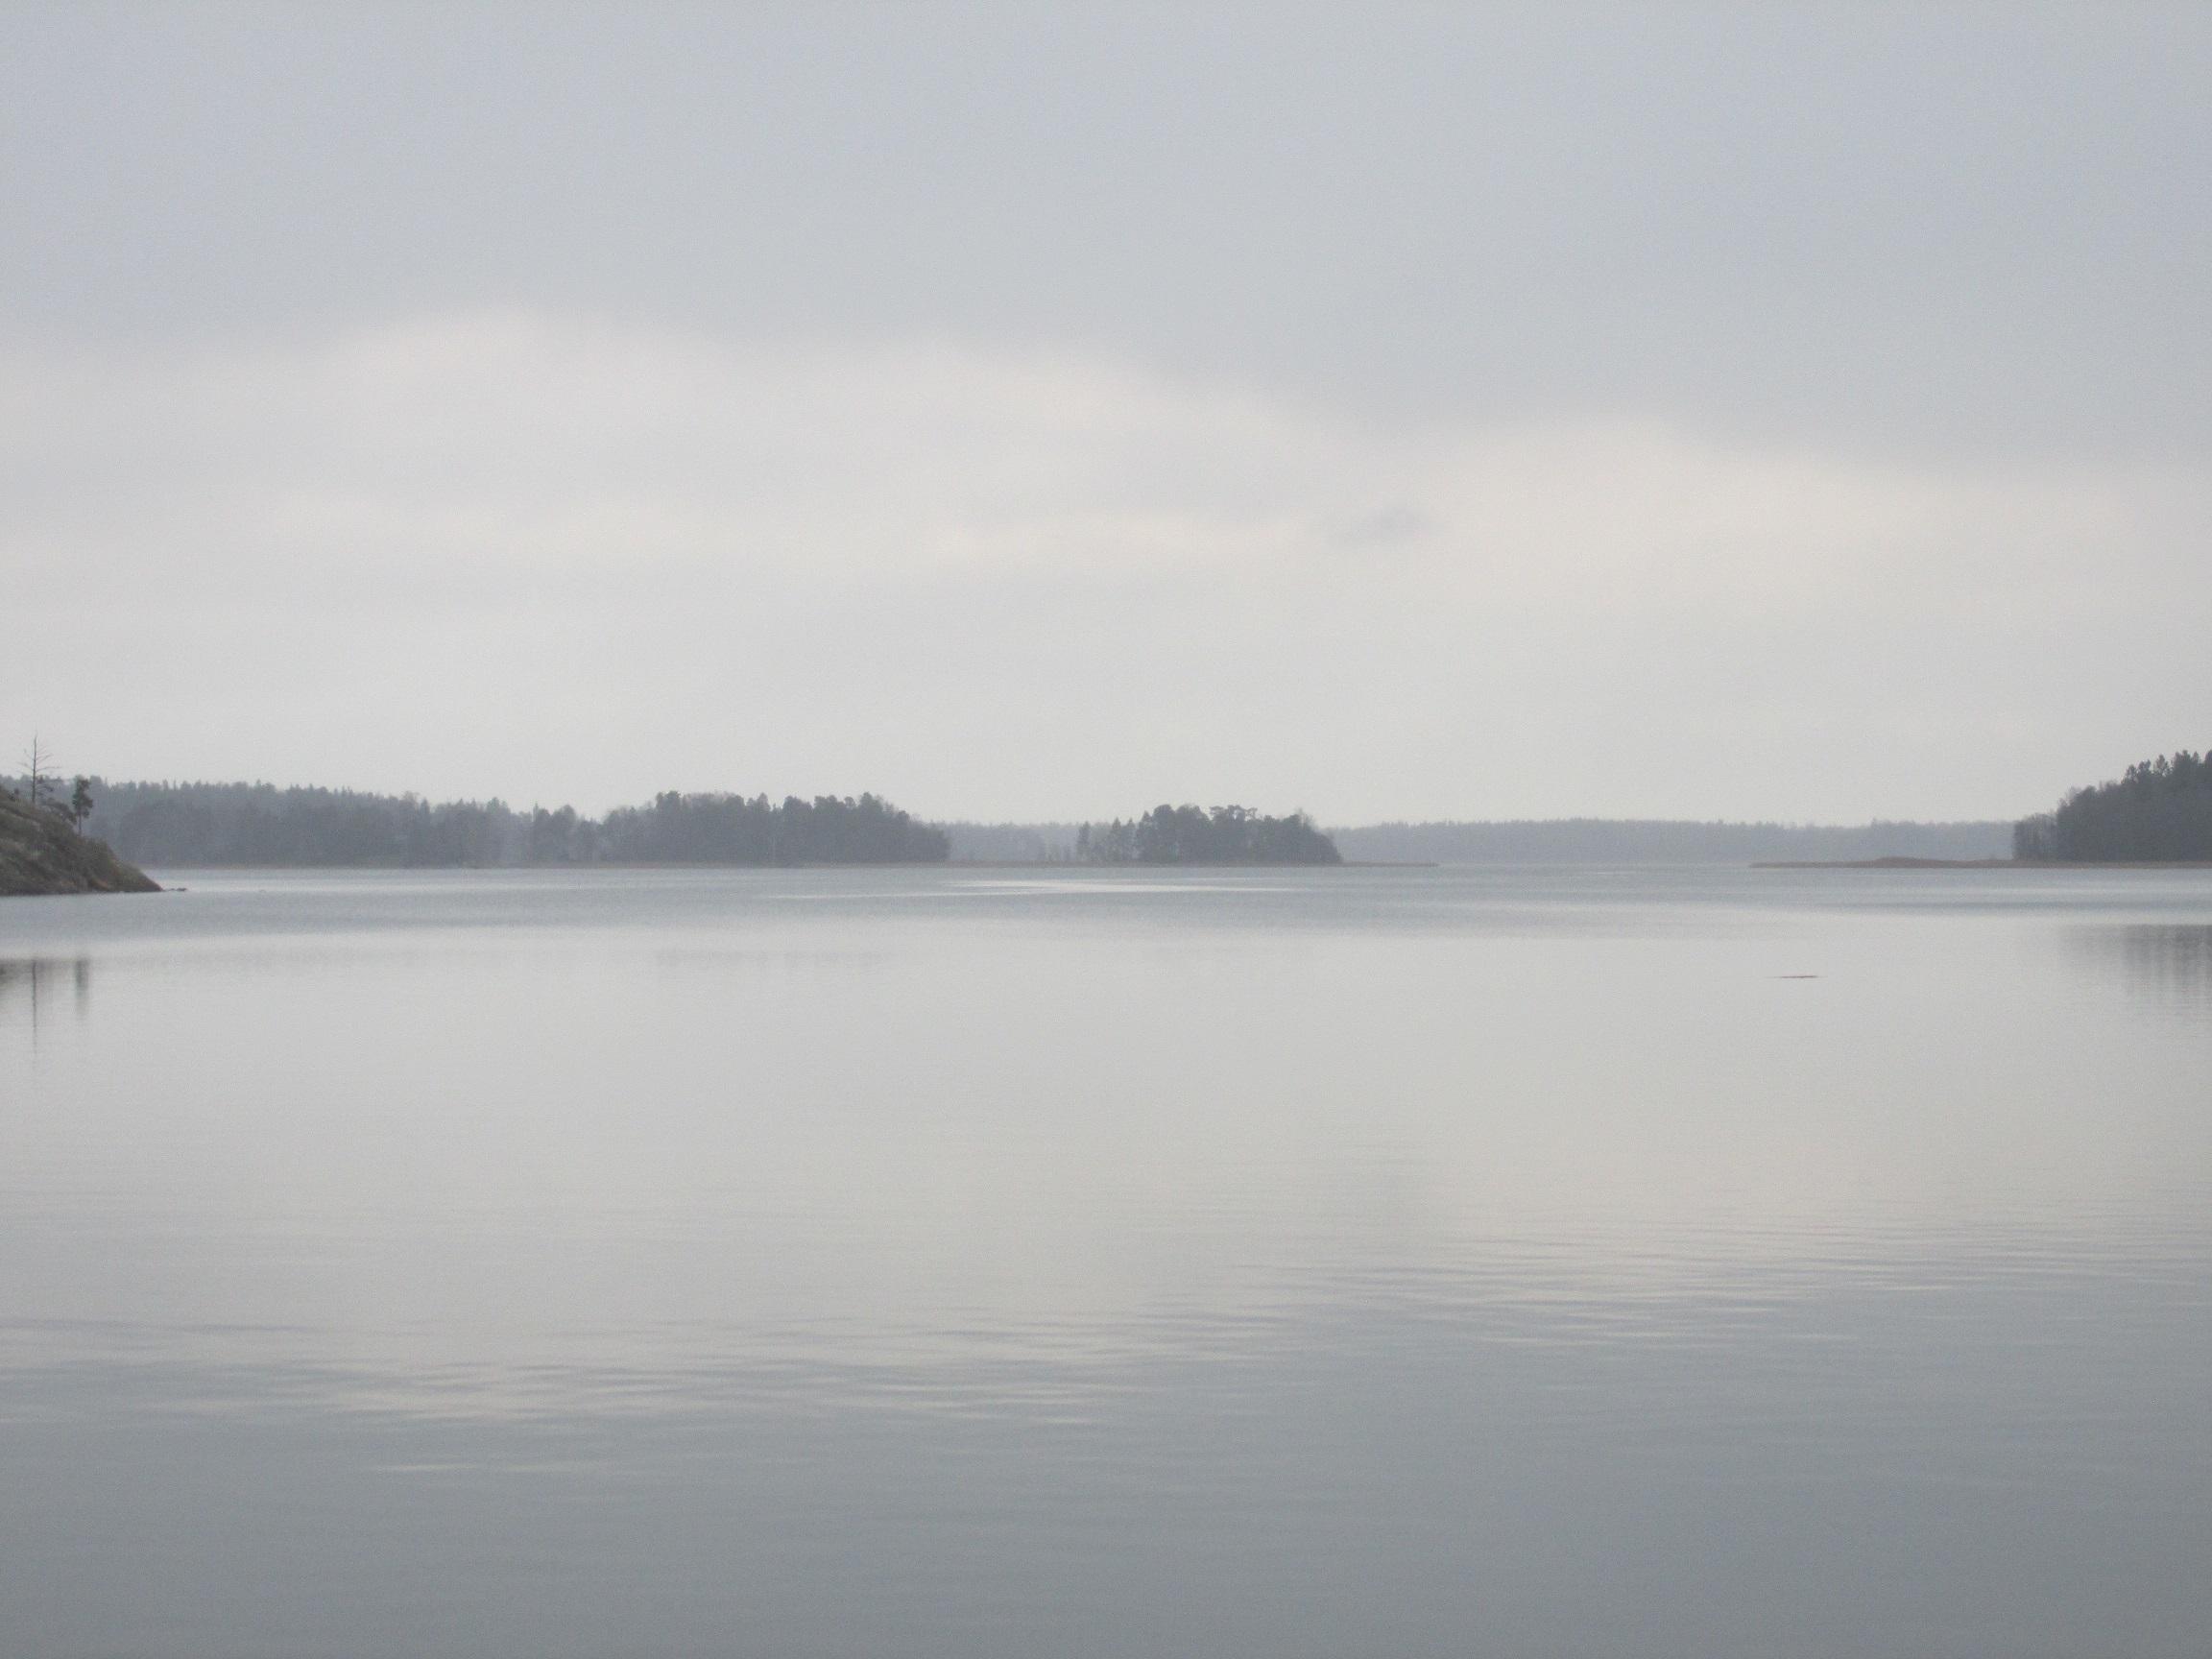 Nimi: Tyyntä merellä, Kuvaaja: Tarja Kaltiomaa